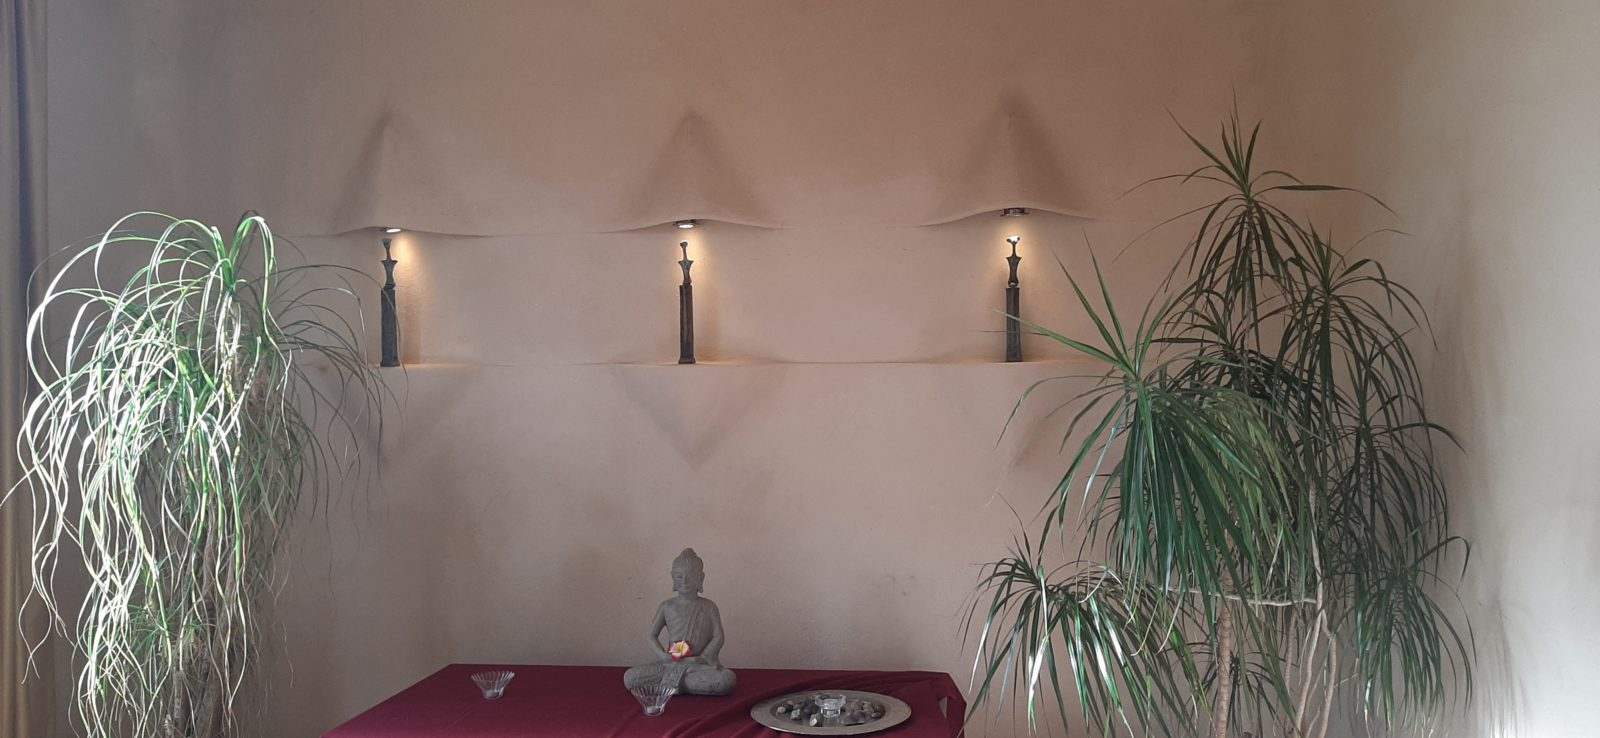 leempleister leemstuc leembouw lampen